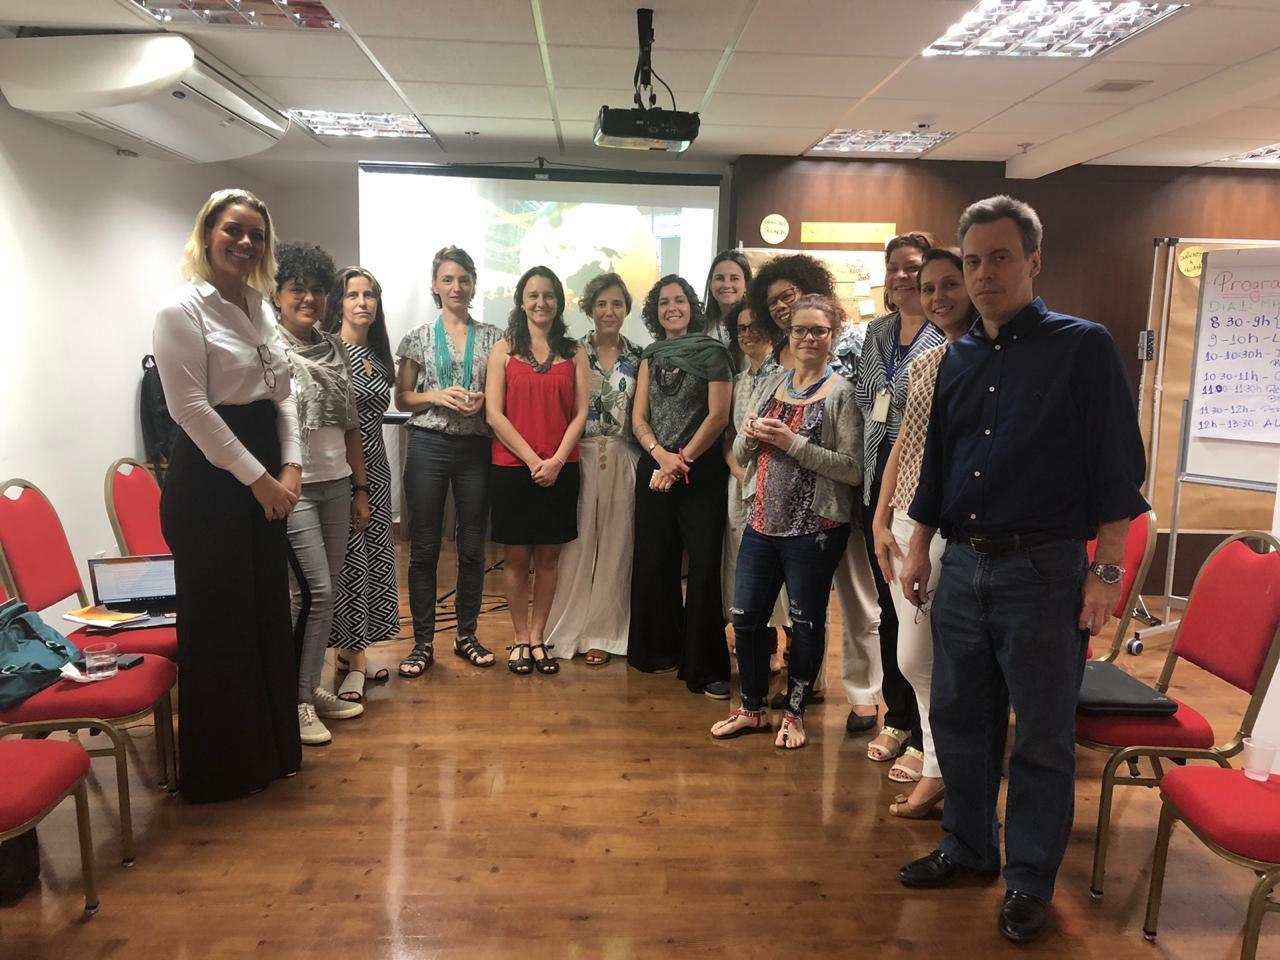 Foto do grupo de pessoas da oficina de REDD, com todos de pé, lado a lado